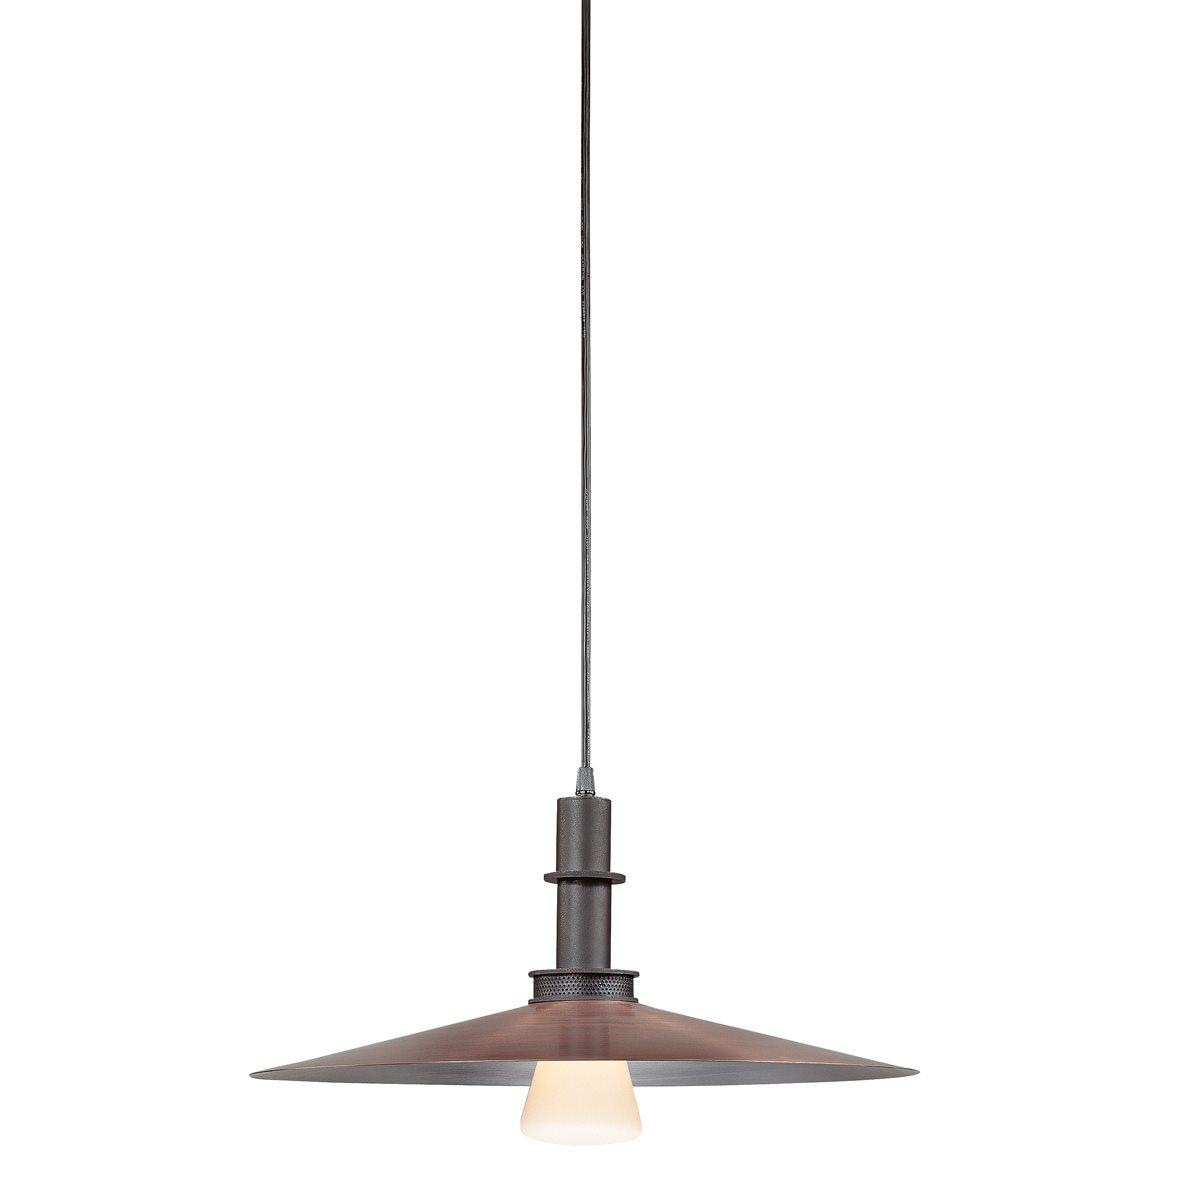 Sonneman lighting bridge copper transitional for Sonneman lighting